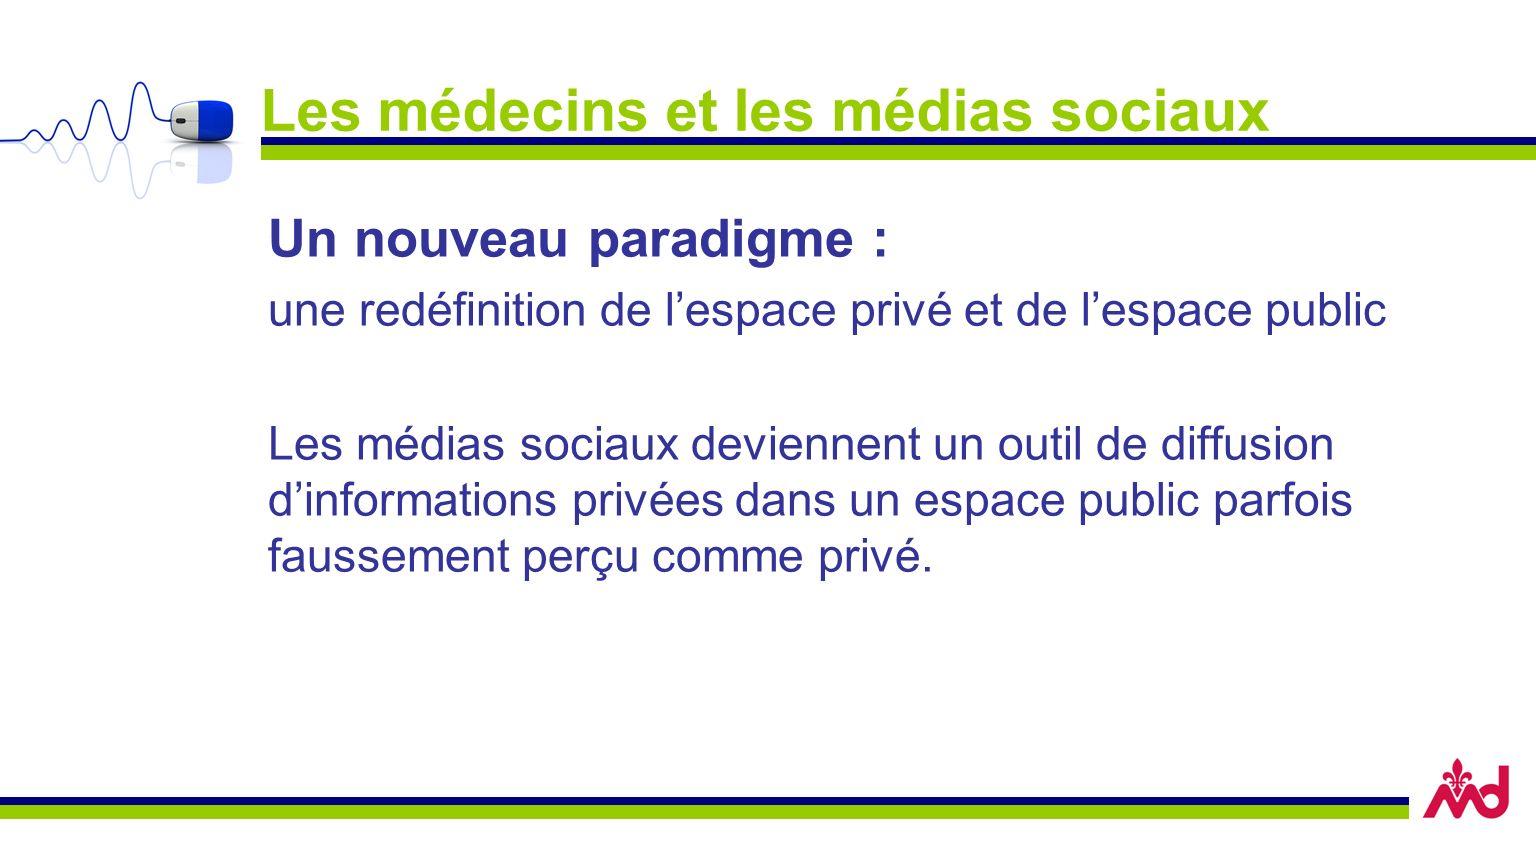 Les médecins et les médias sociaux Un nouveau paradigme : une redéfinition de lespace privé et de lespace public Les médias sociaux deviennent un outil de diffusion dinformations privées dans un espace public parfois faussement perçu comme privé.